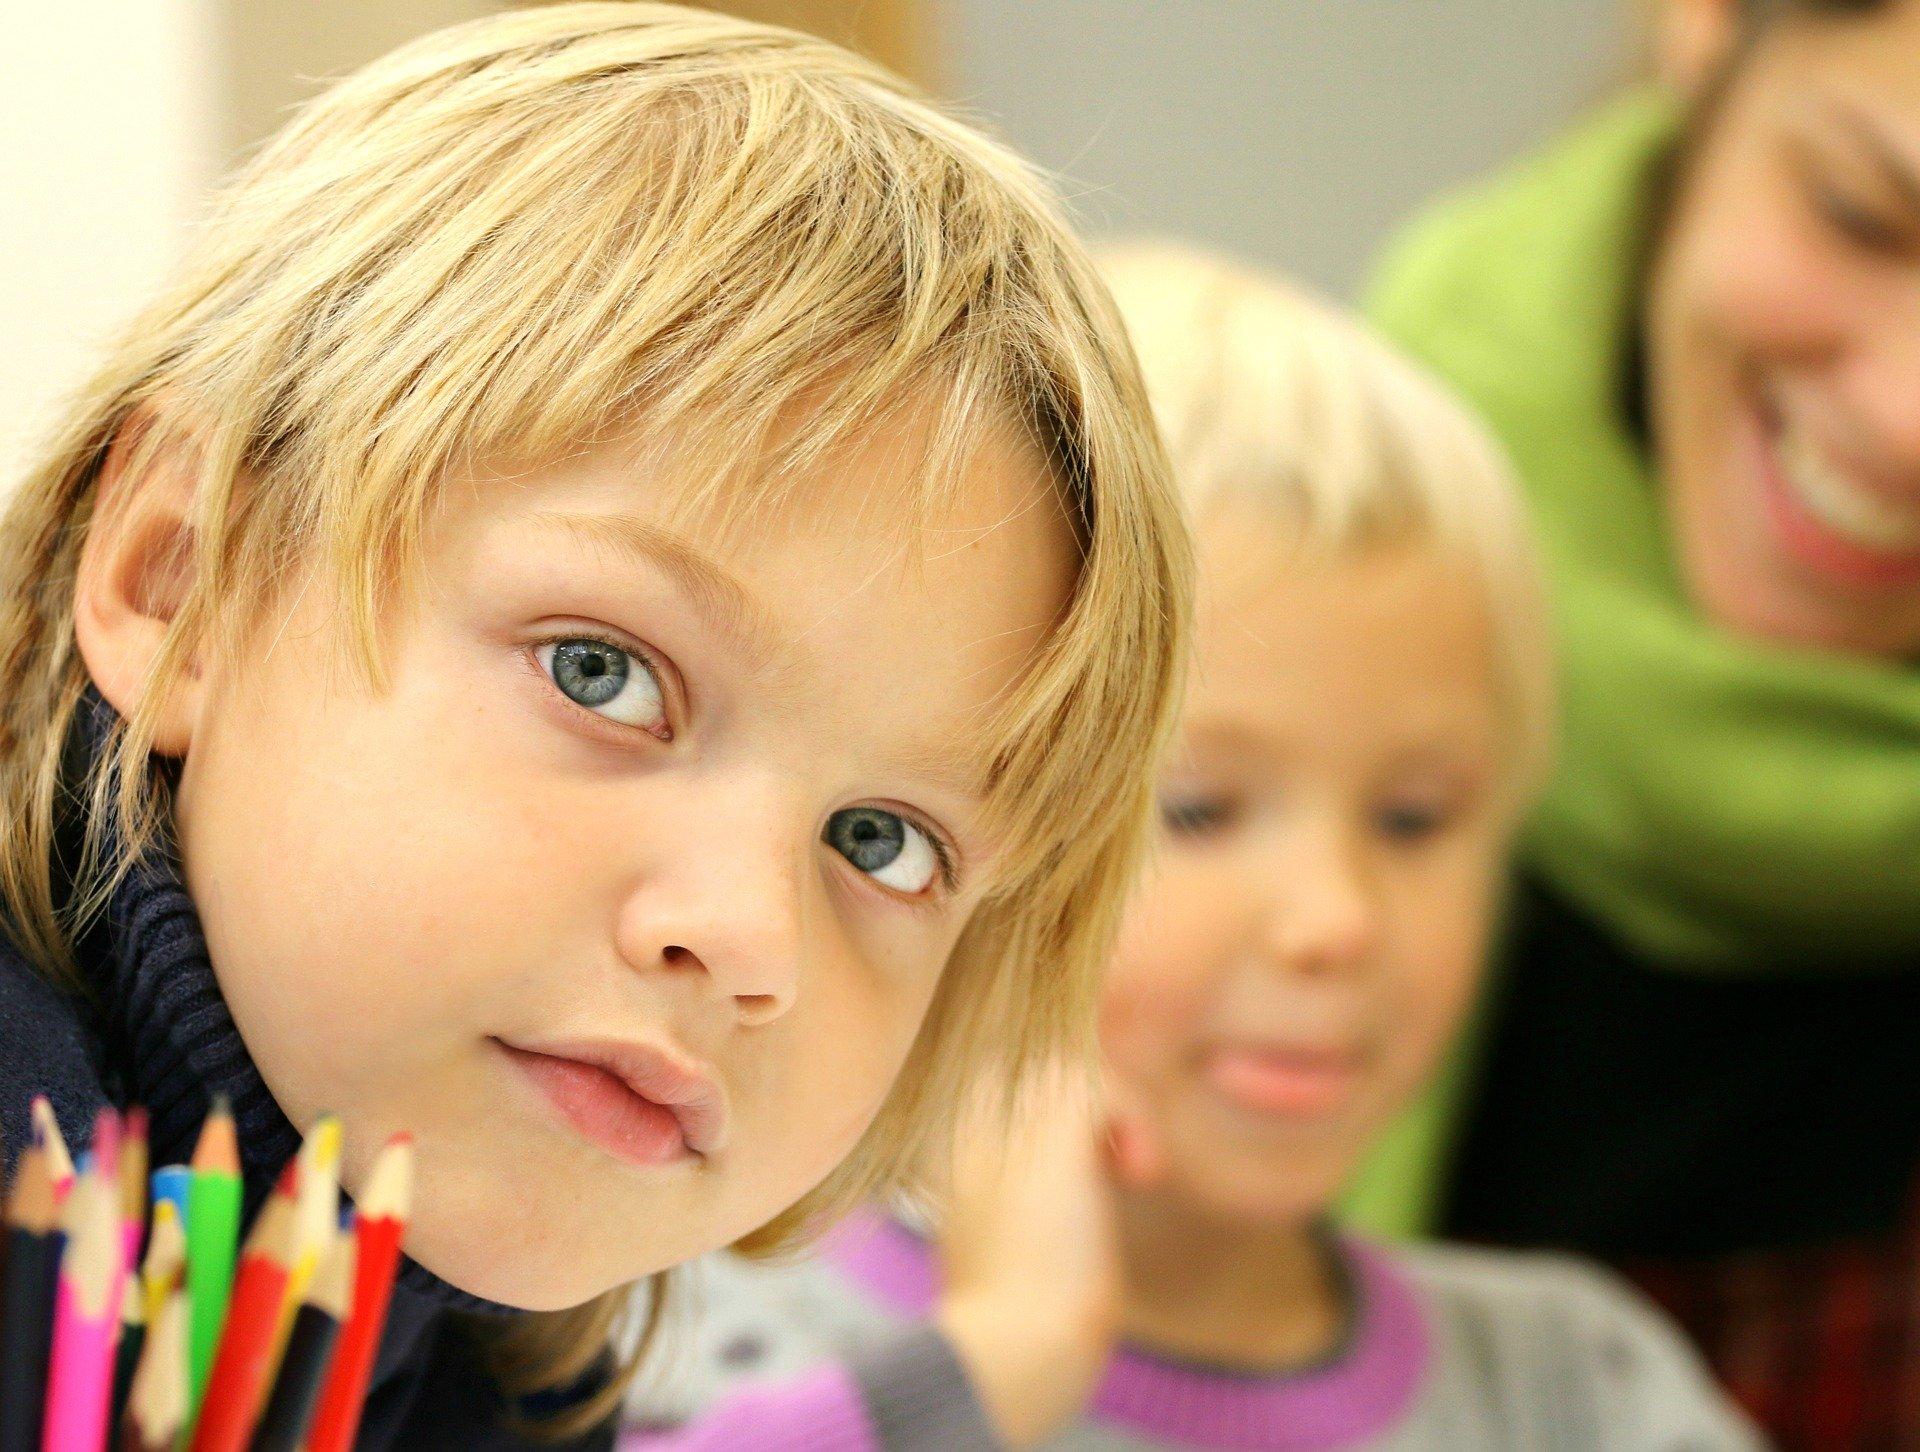 Les élèves de grande section, CP et CM2 pourront retourner jeudi à l'école, dans le Doubs. Image parklimkindePixabay